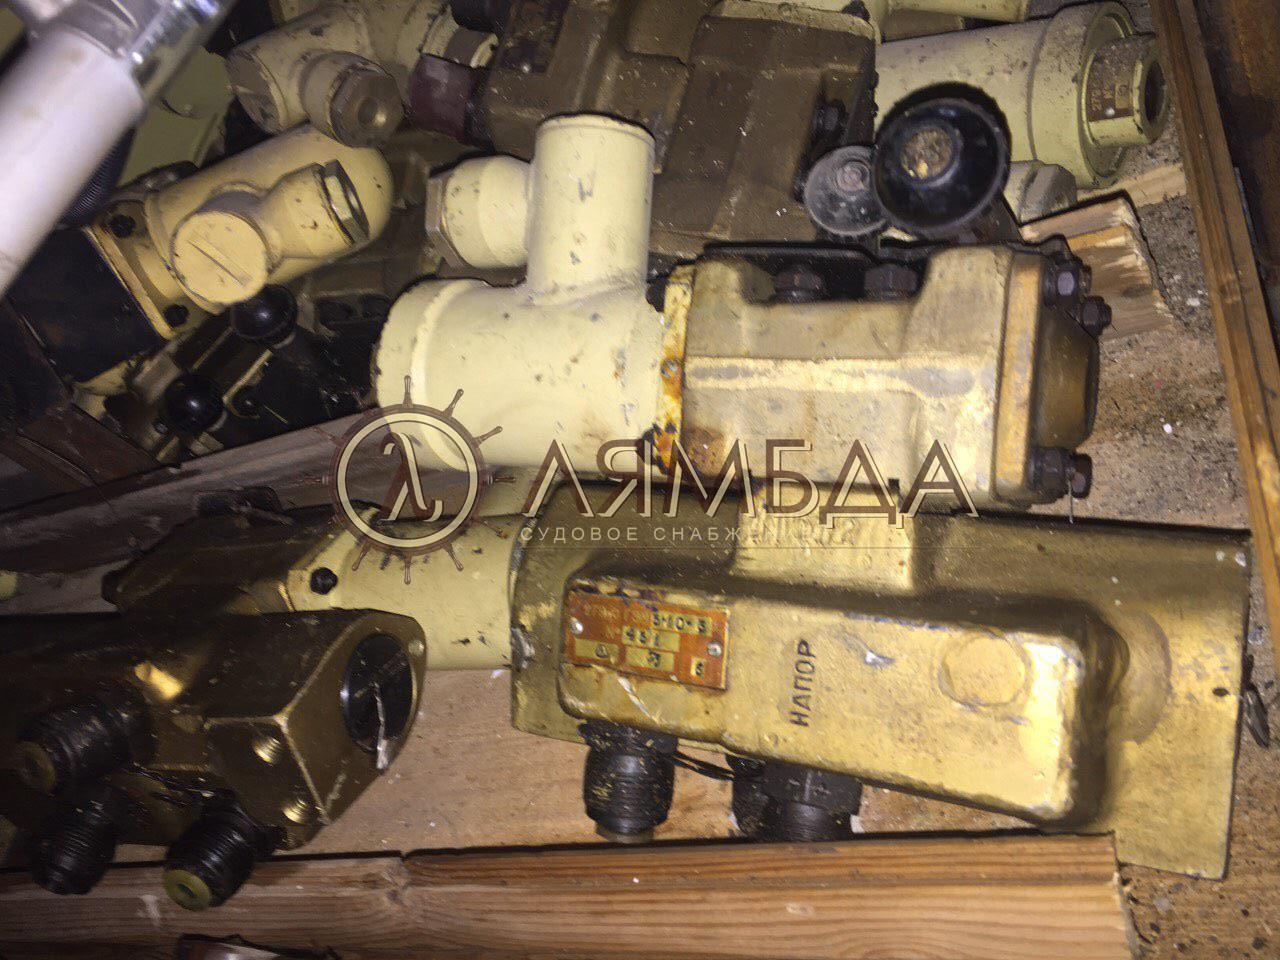 Пластинчатый теплообменник Sondex S100 Петропавловск-Камчатский Пластинчатый теплообменник ТПлР S18 IS.02. Пенза